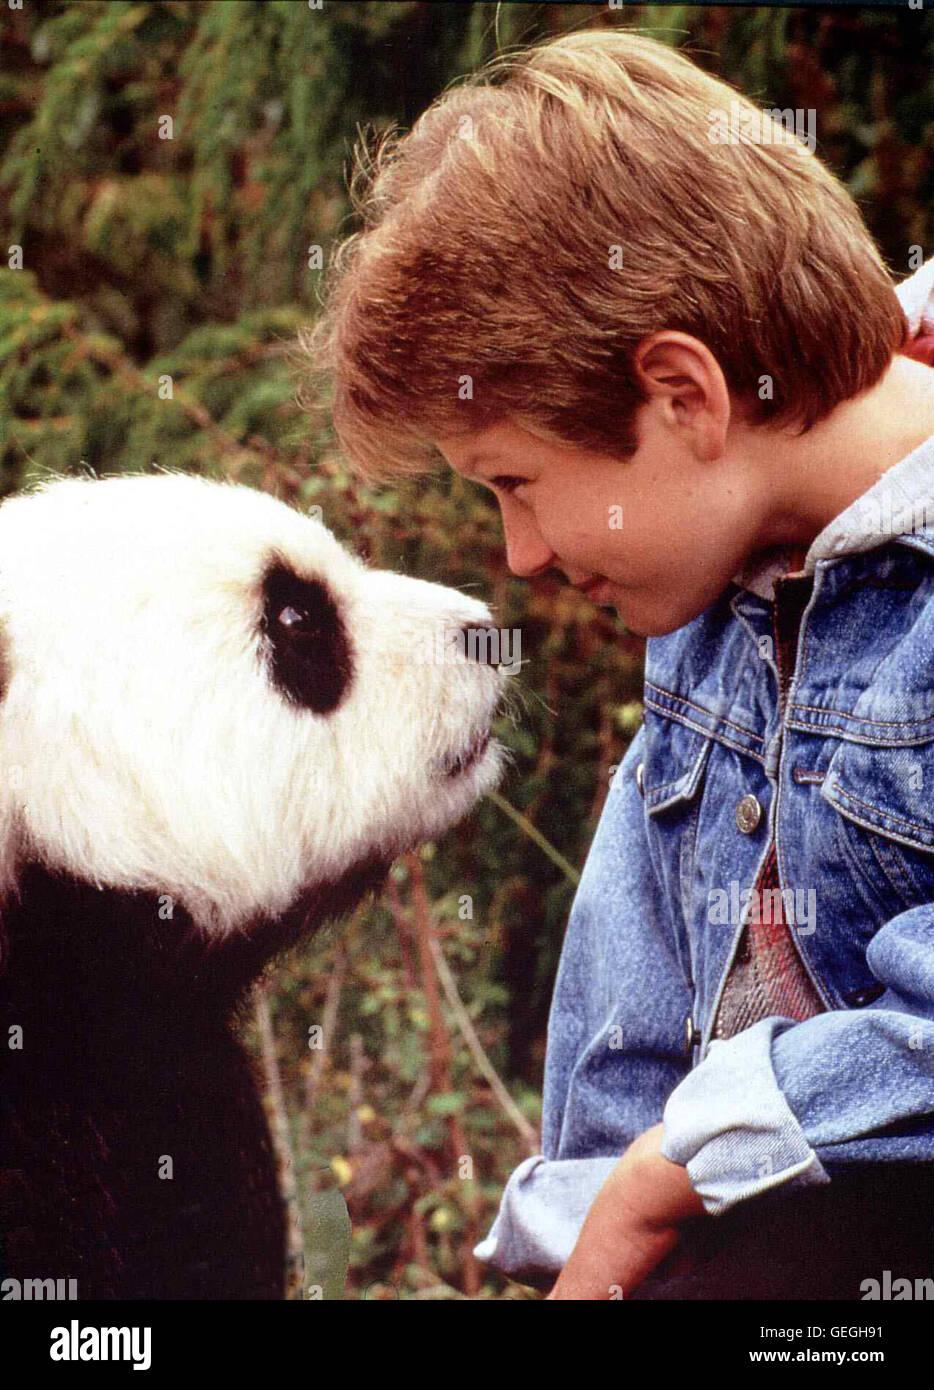 Ryan Ryan Slater (Tyler Ryan Slater) verbringt seine Schulferien in einem chinesischen Reservat, wo arbeitet als Vater sein Biologe, um einen idealen La société fuer die letzten Pandabaeren zu schaffen. *** *** Légende locale 1995, Amazing Panda Adventur Banque D'Images